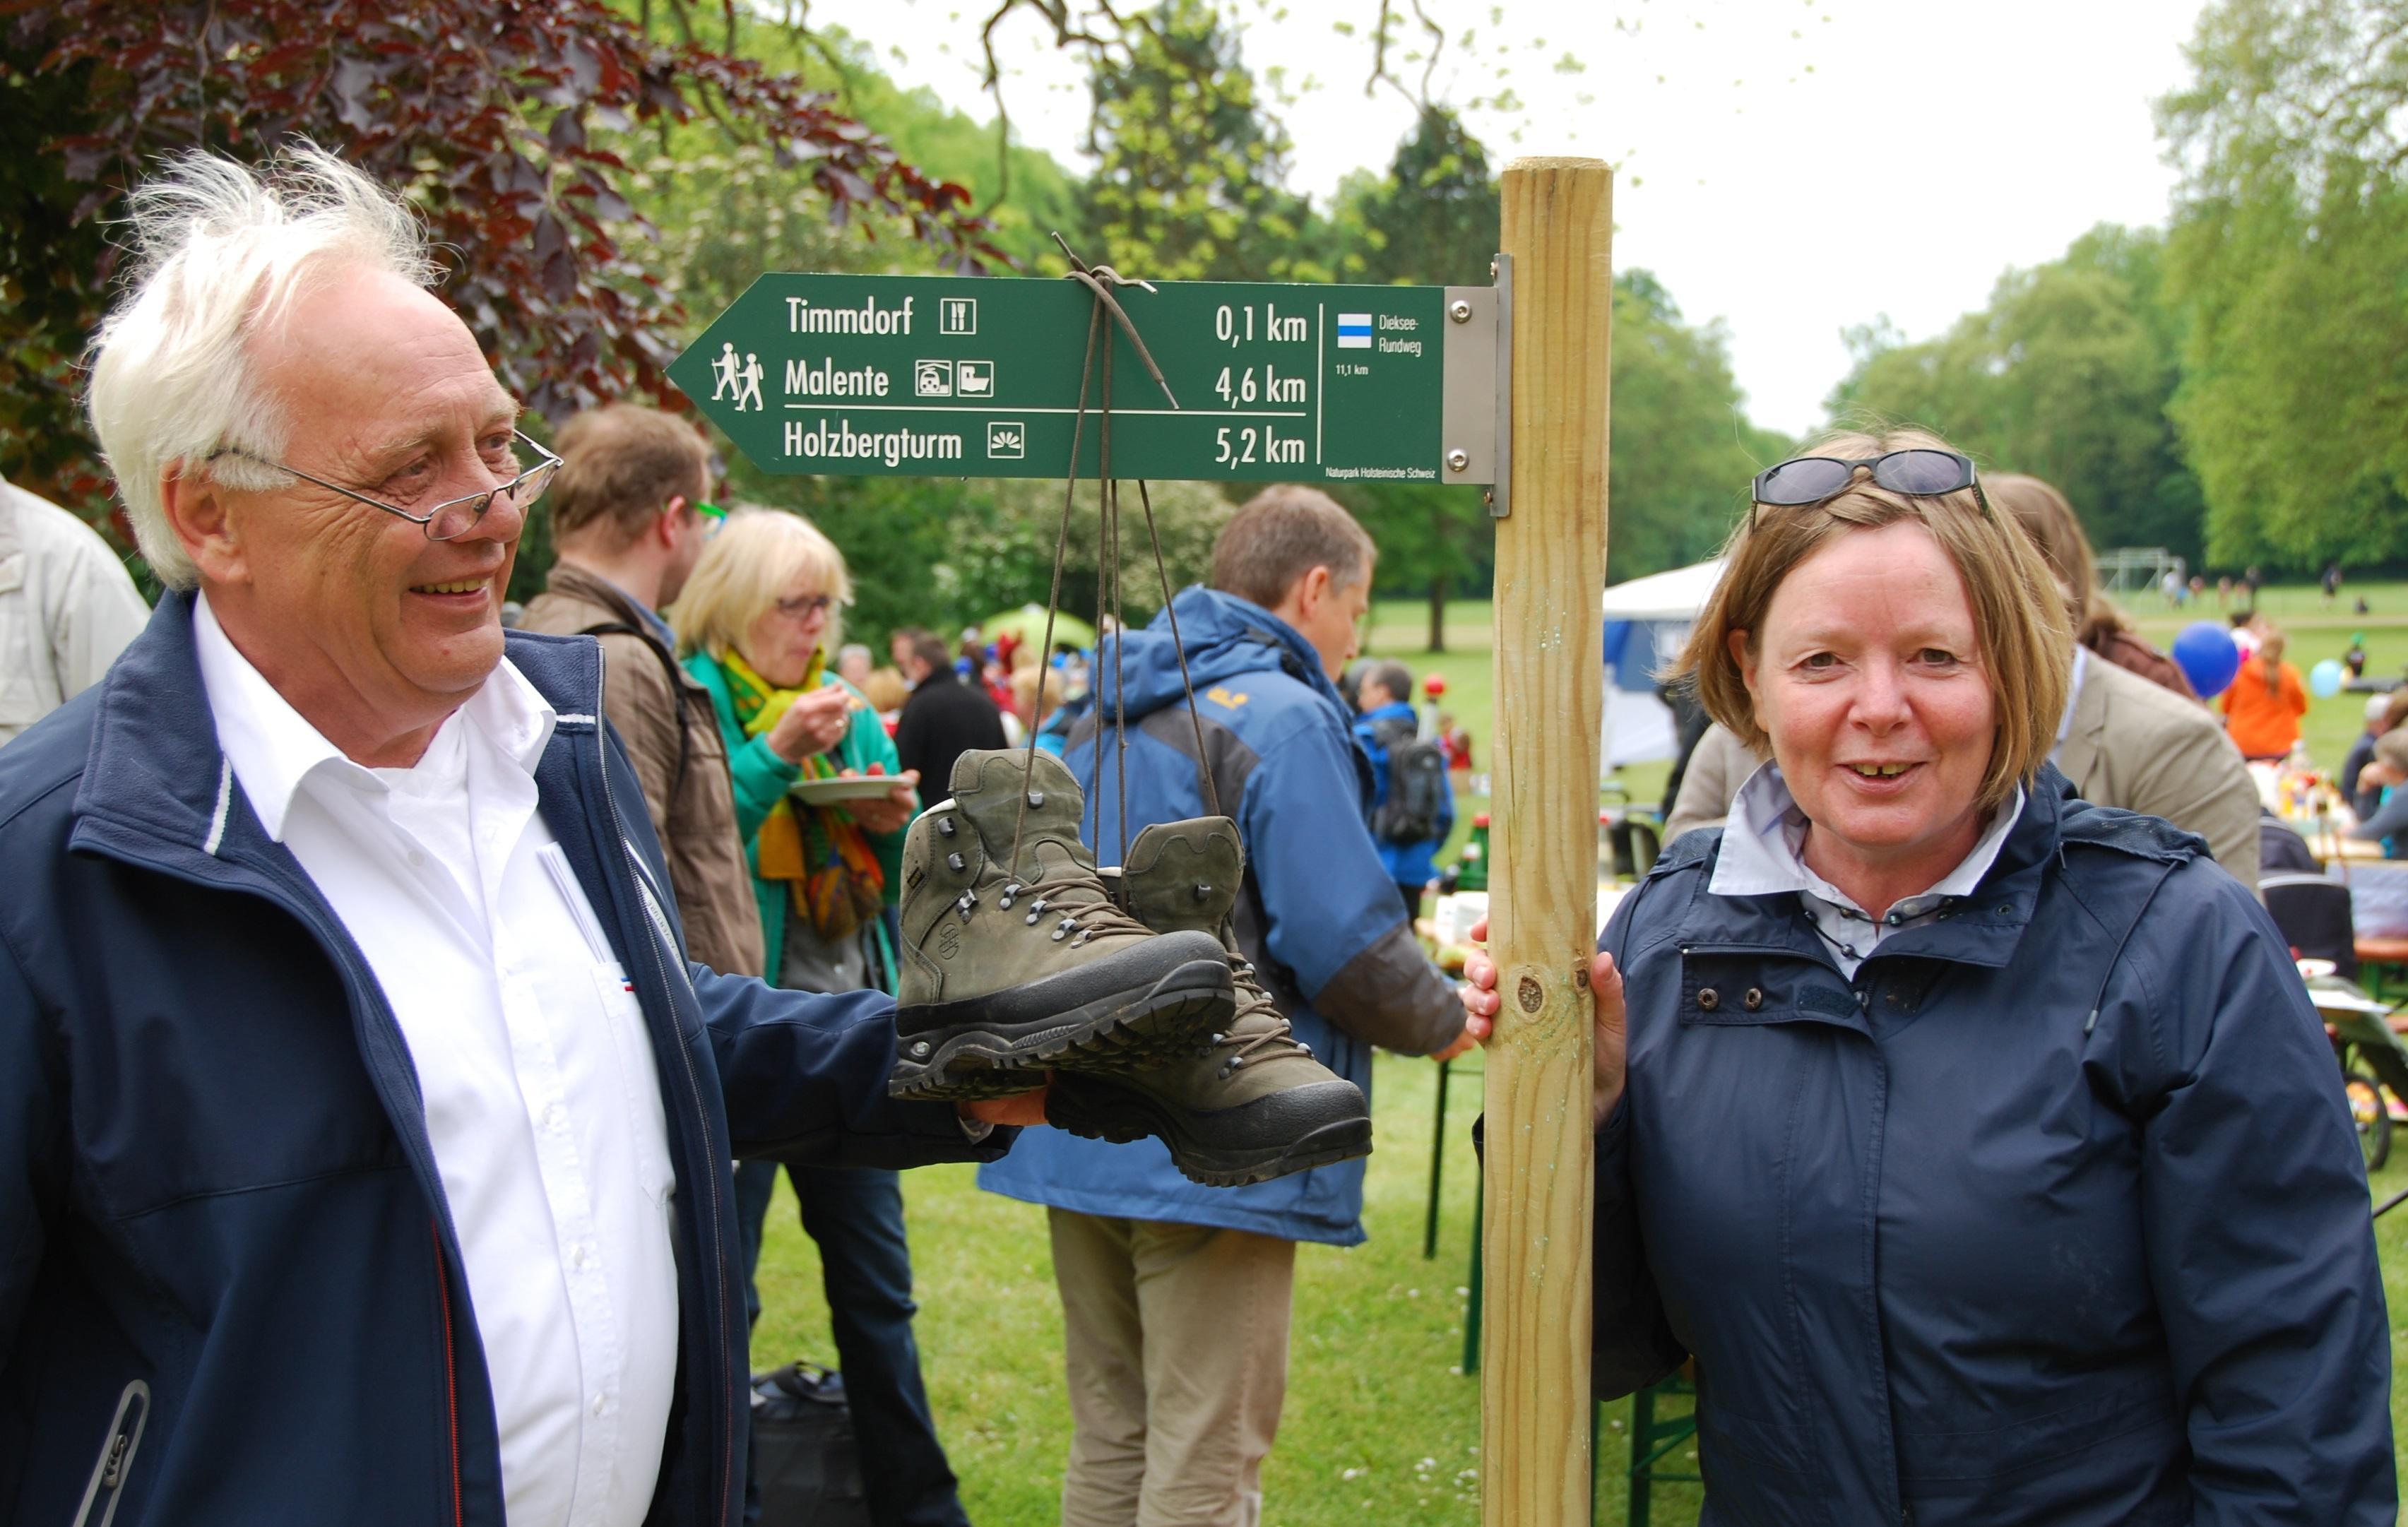 Picknick im Schlosspark Neues Wanderwegenetz eröffnet